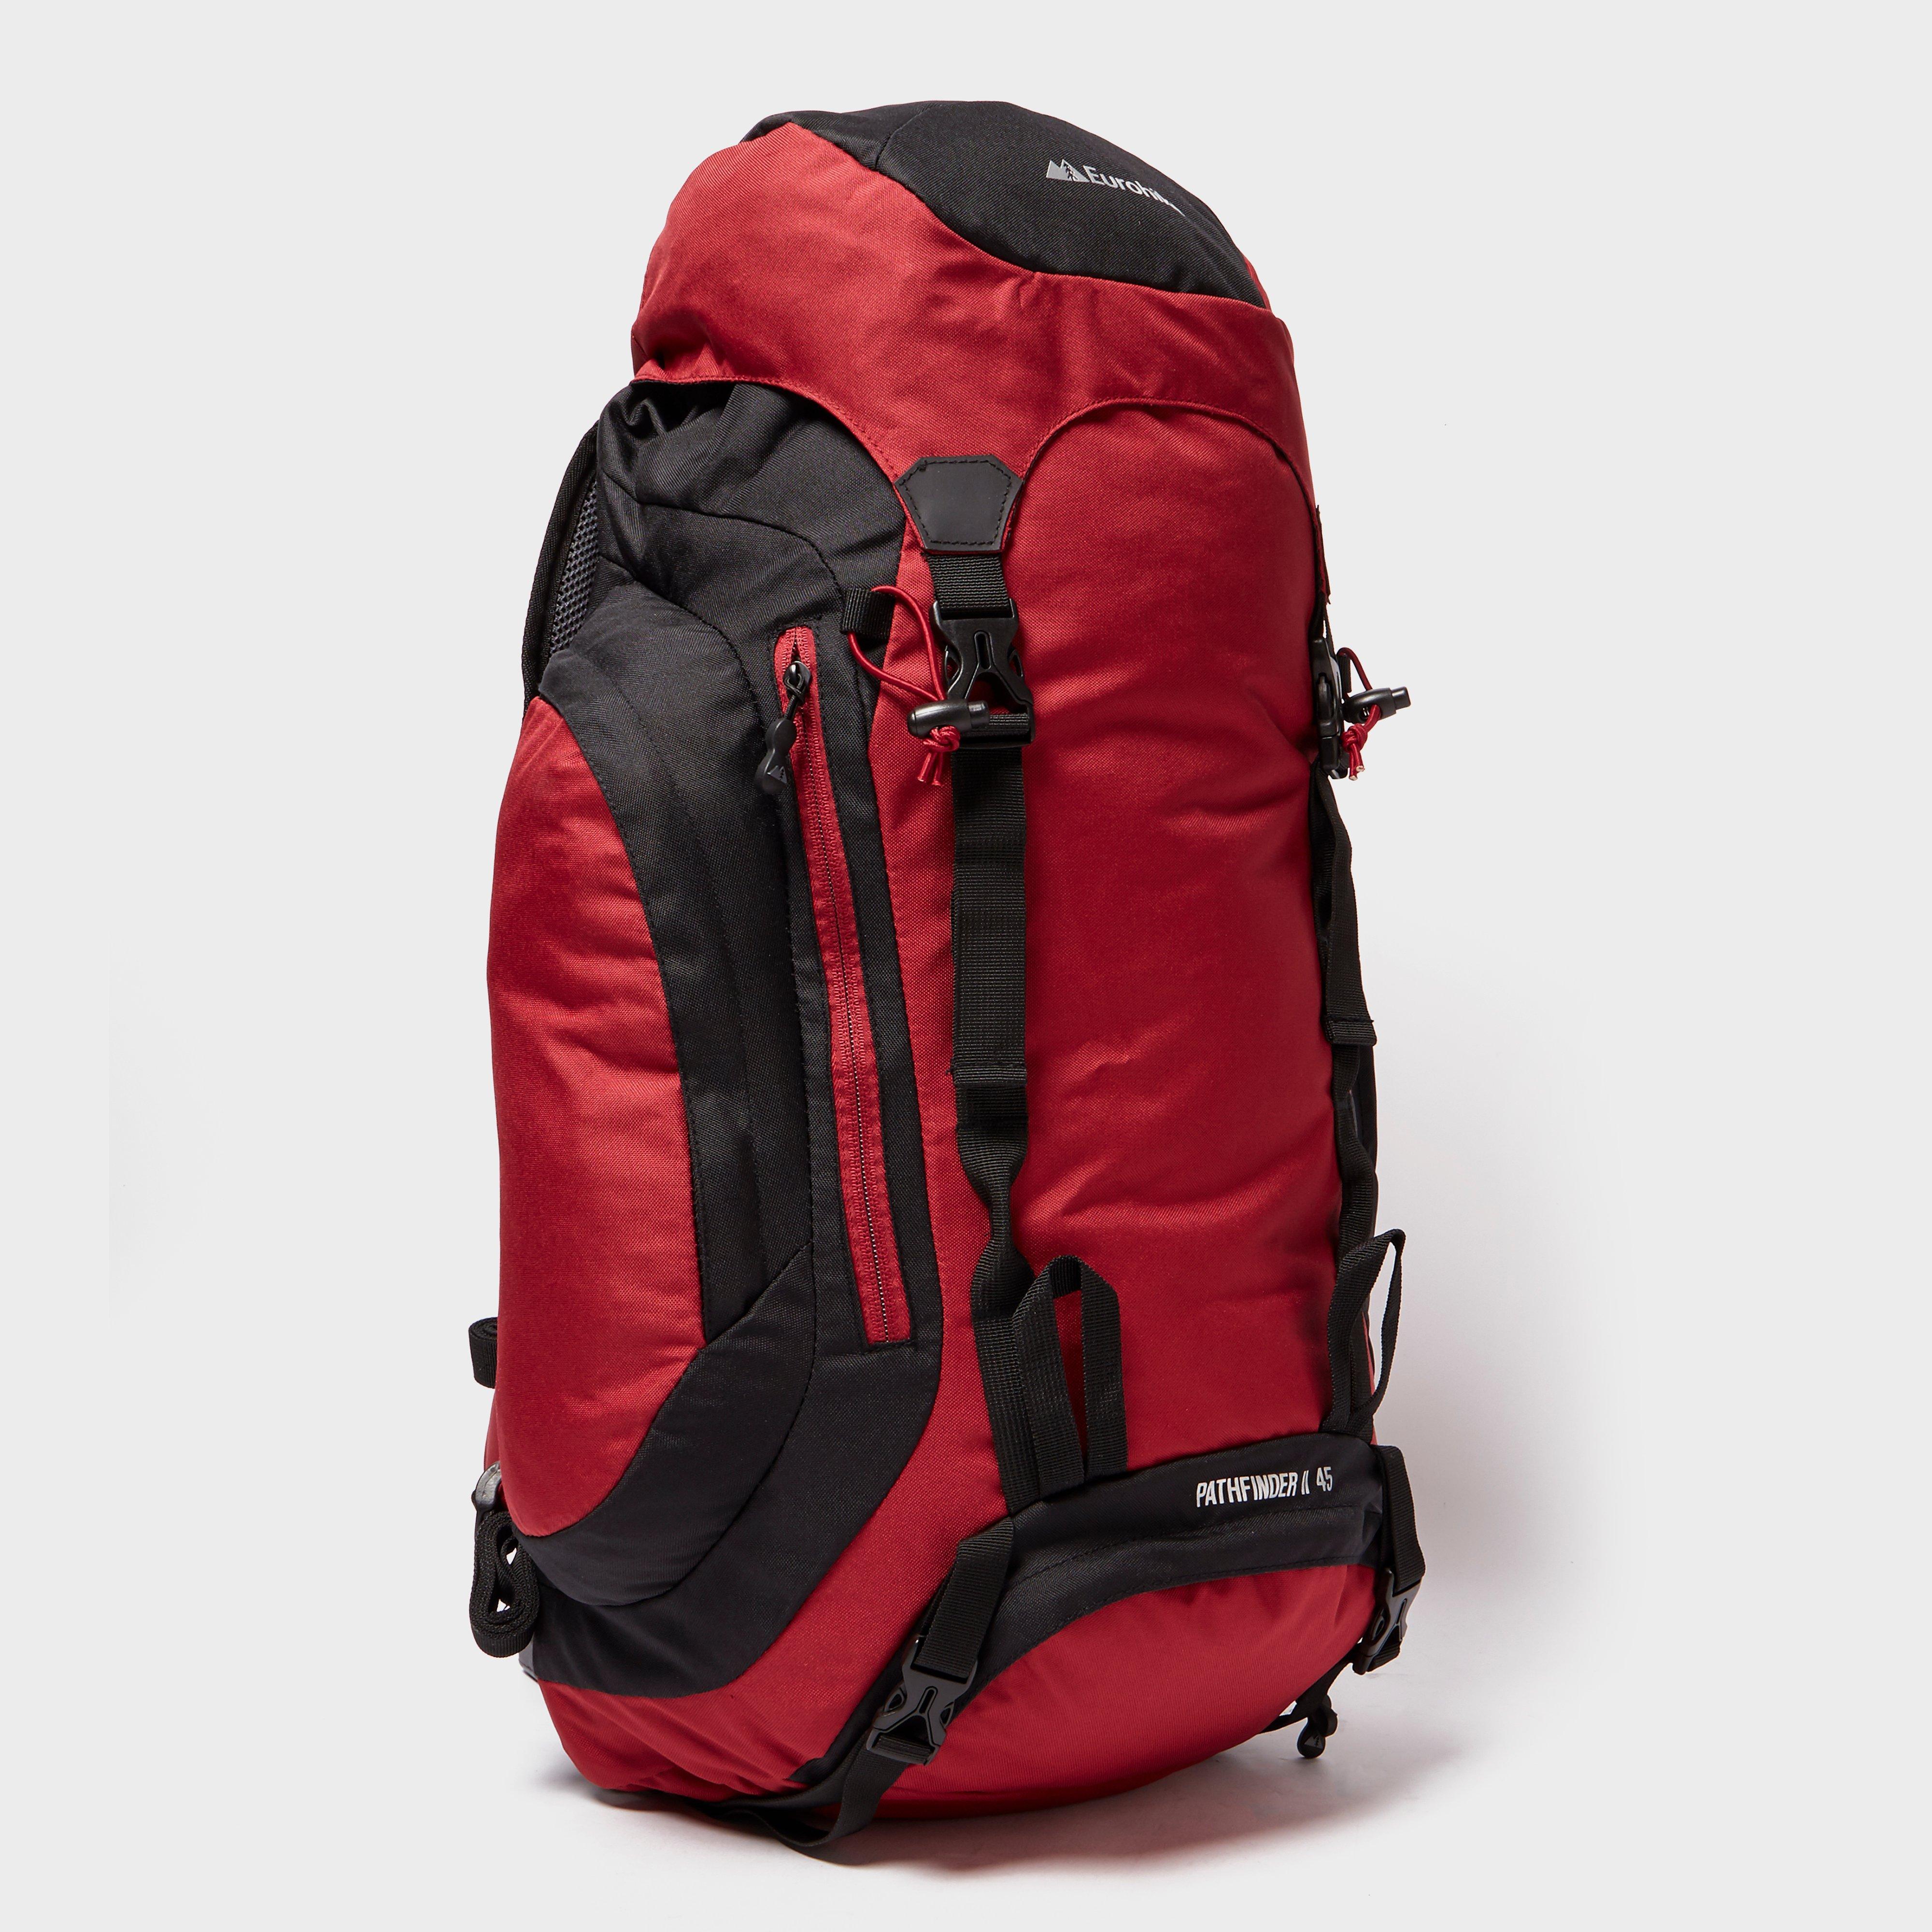 Eurohike Eurohike Pathfinder II 45L Backpack - Red, Red